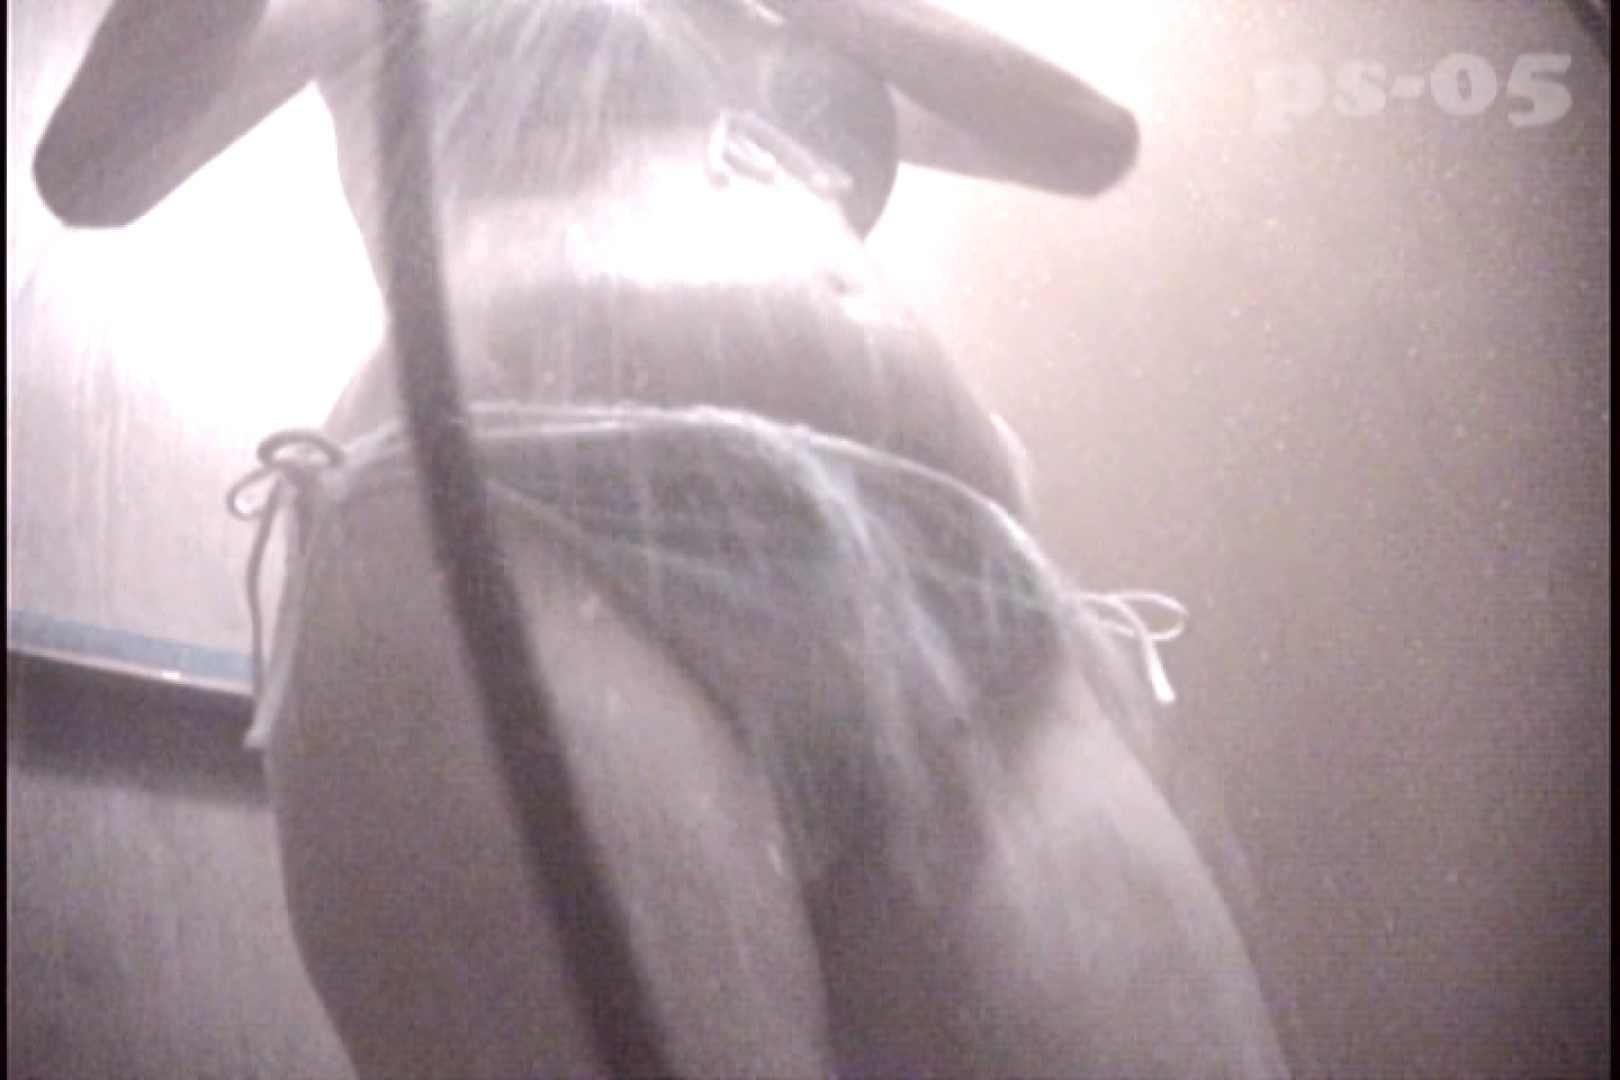 File.29 ビキニに手を入れて股間をごしごし、警戒してか脱ぎません。 盗撮 AV無料動画キャプチャ 98PIX 51